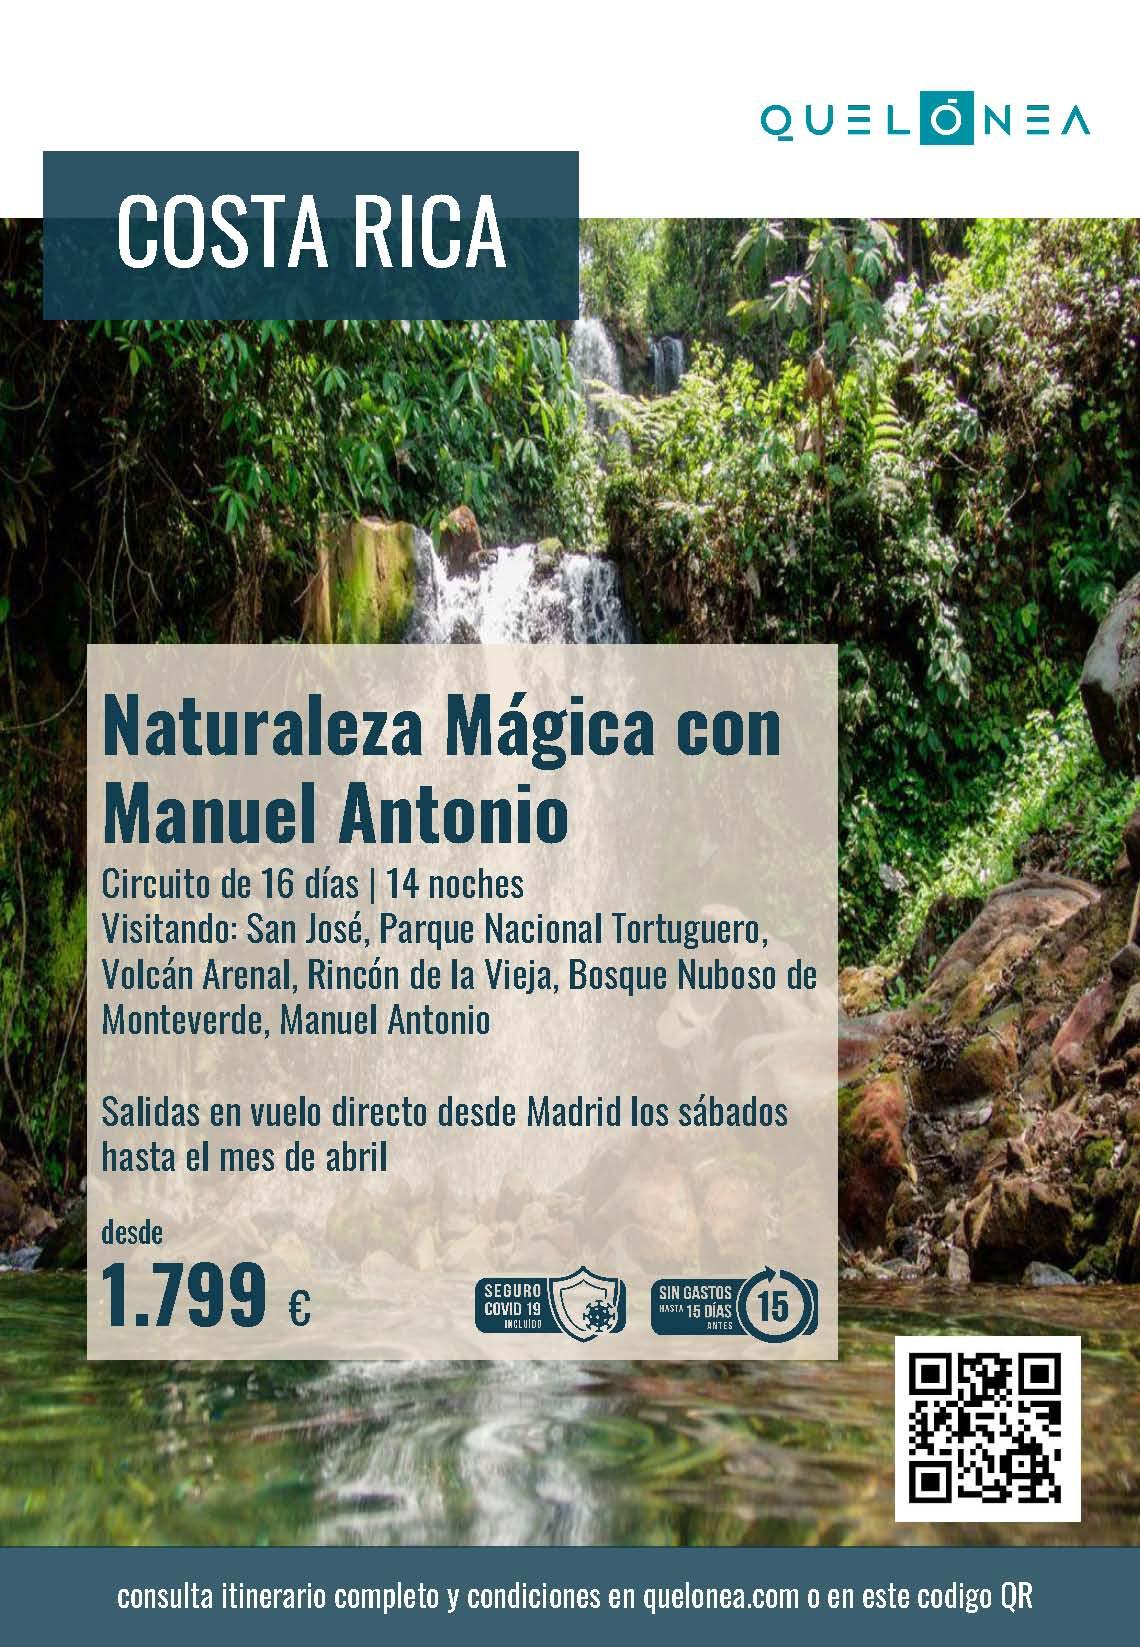 Ofertas Quelonea Costa Rica Naturaleza Magica con Manuel Antonio 2021-2022 vuelo directo desde Madrid